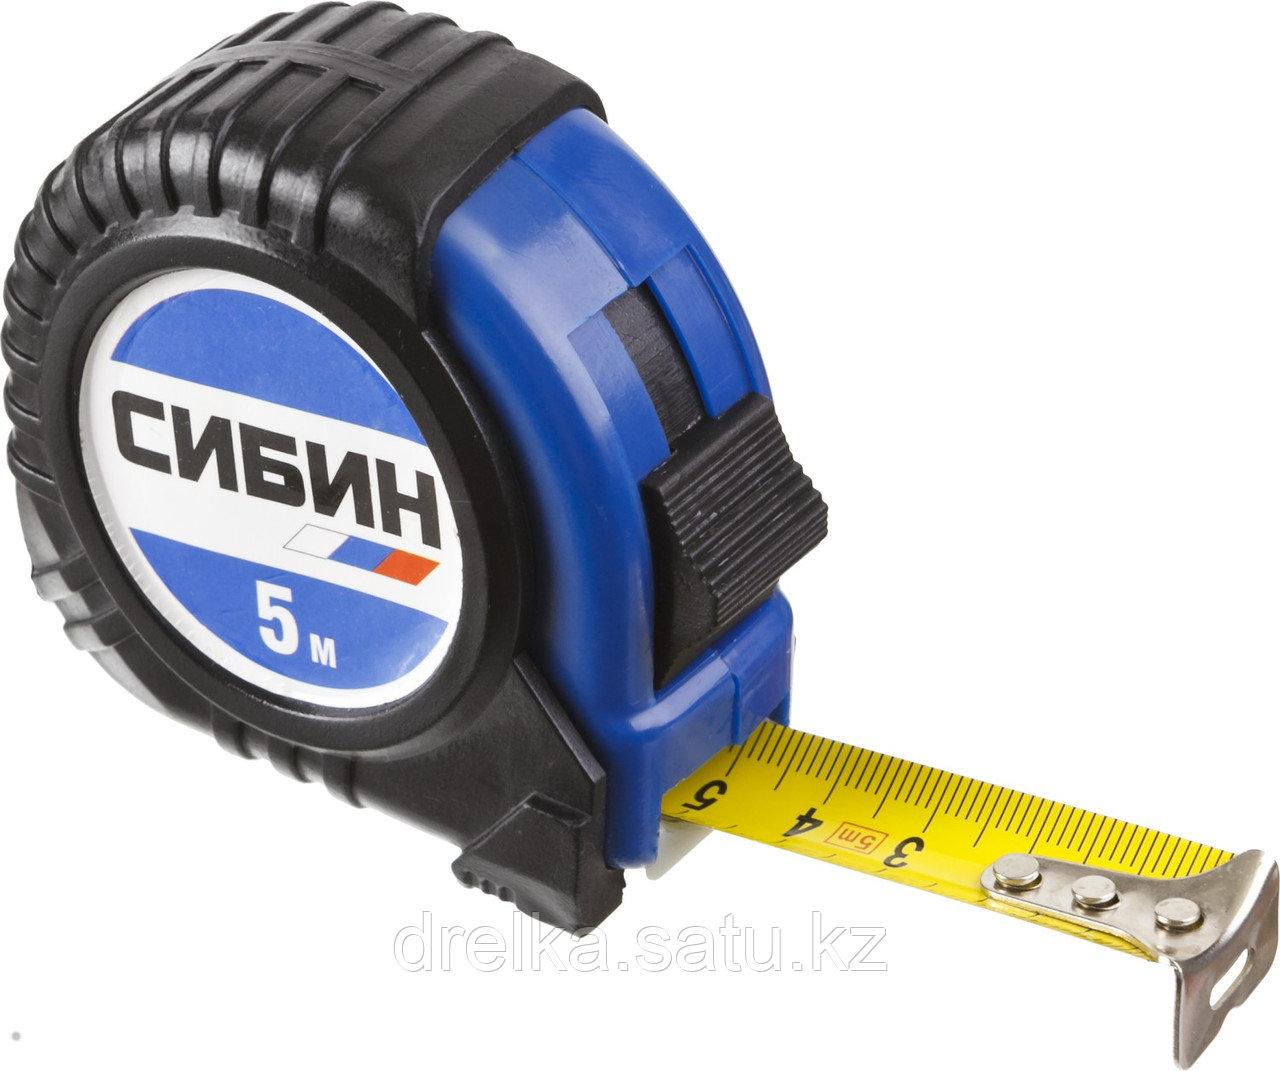 СИБИН 5м / 25мм рулетка в ударостойком обрезиненном корпусе